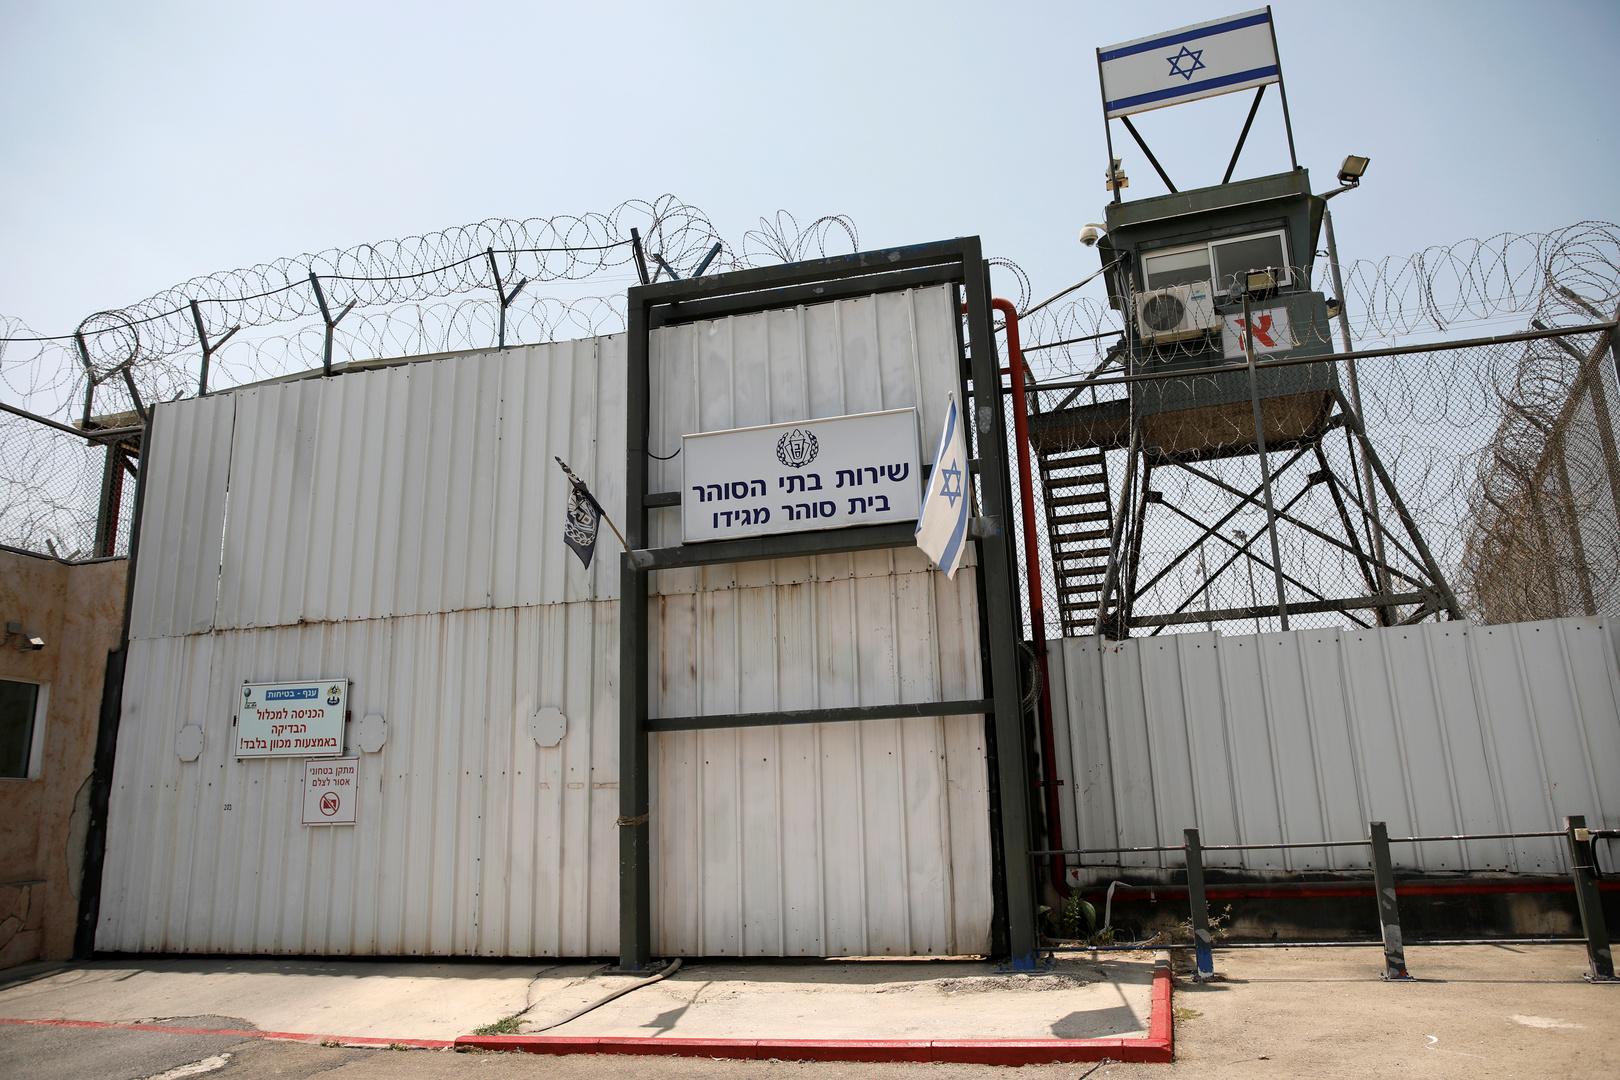 إصابة أول أسير فلسطيني في السجون الإسرائيلية بكورونا